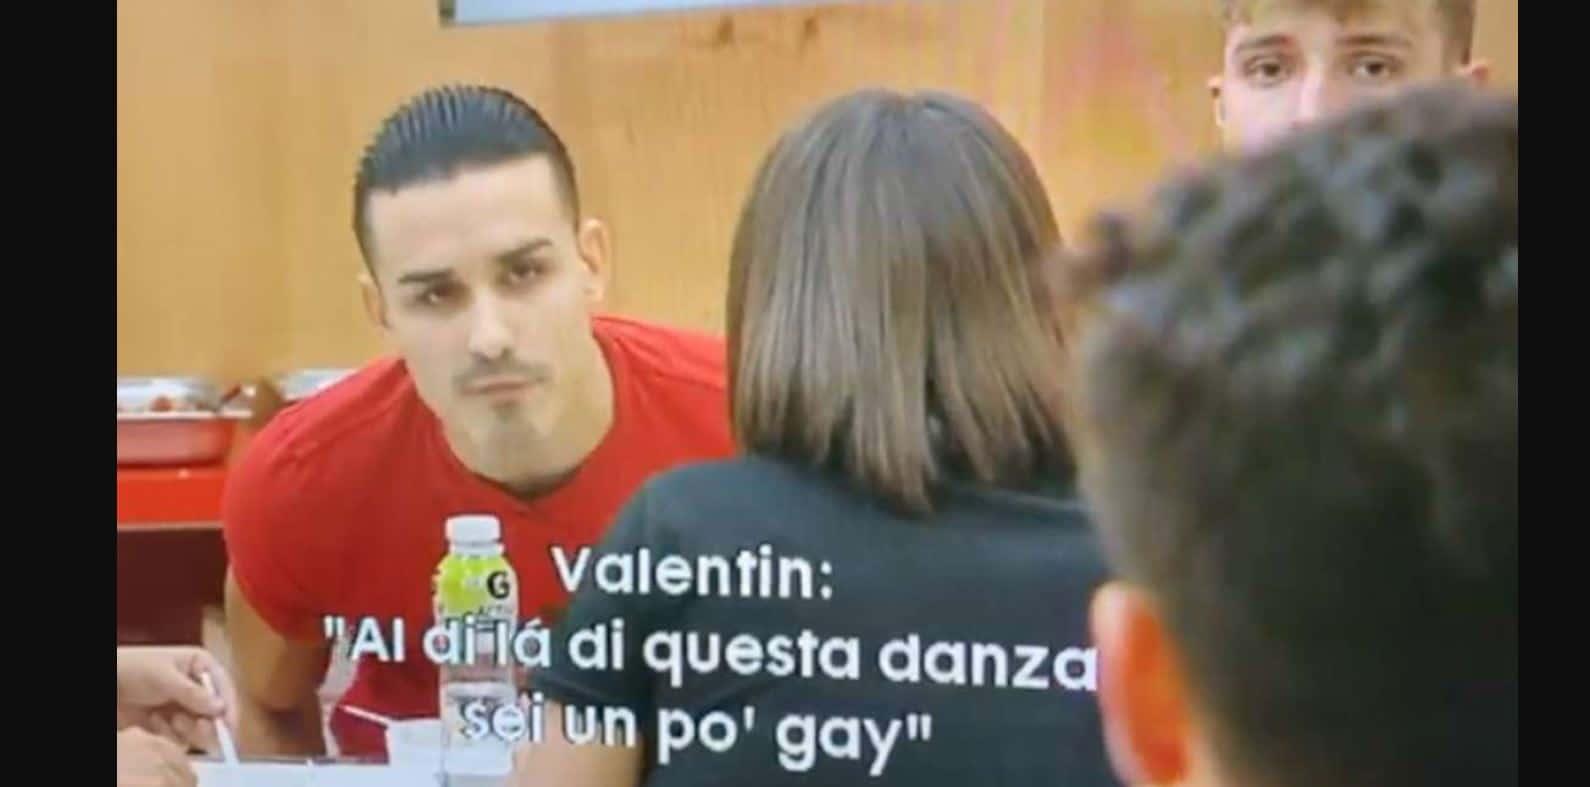 Terzo video su Valentin: omofobo e bullo, frasi choc contro Javier